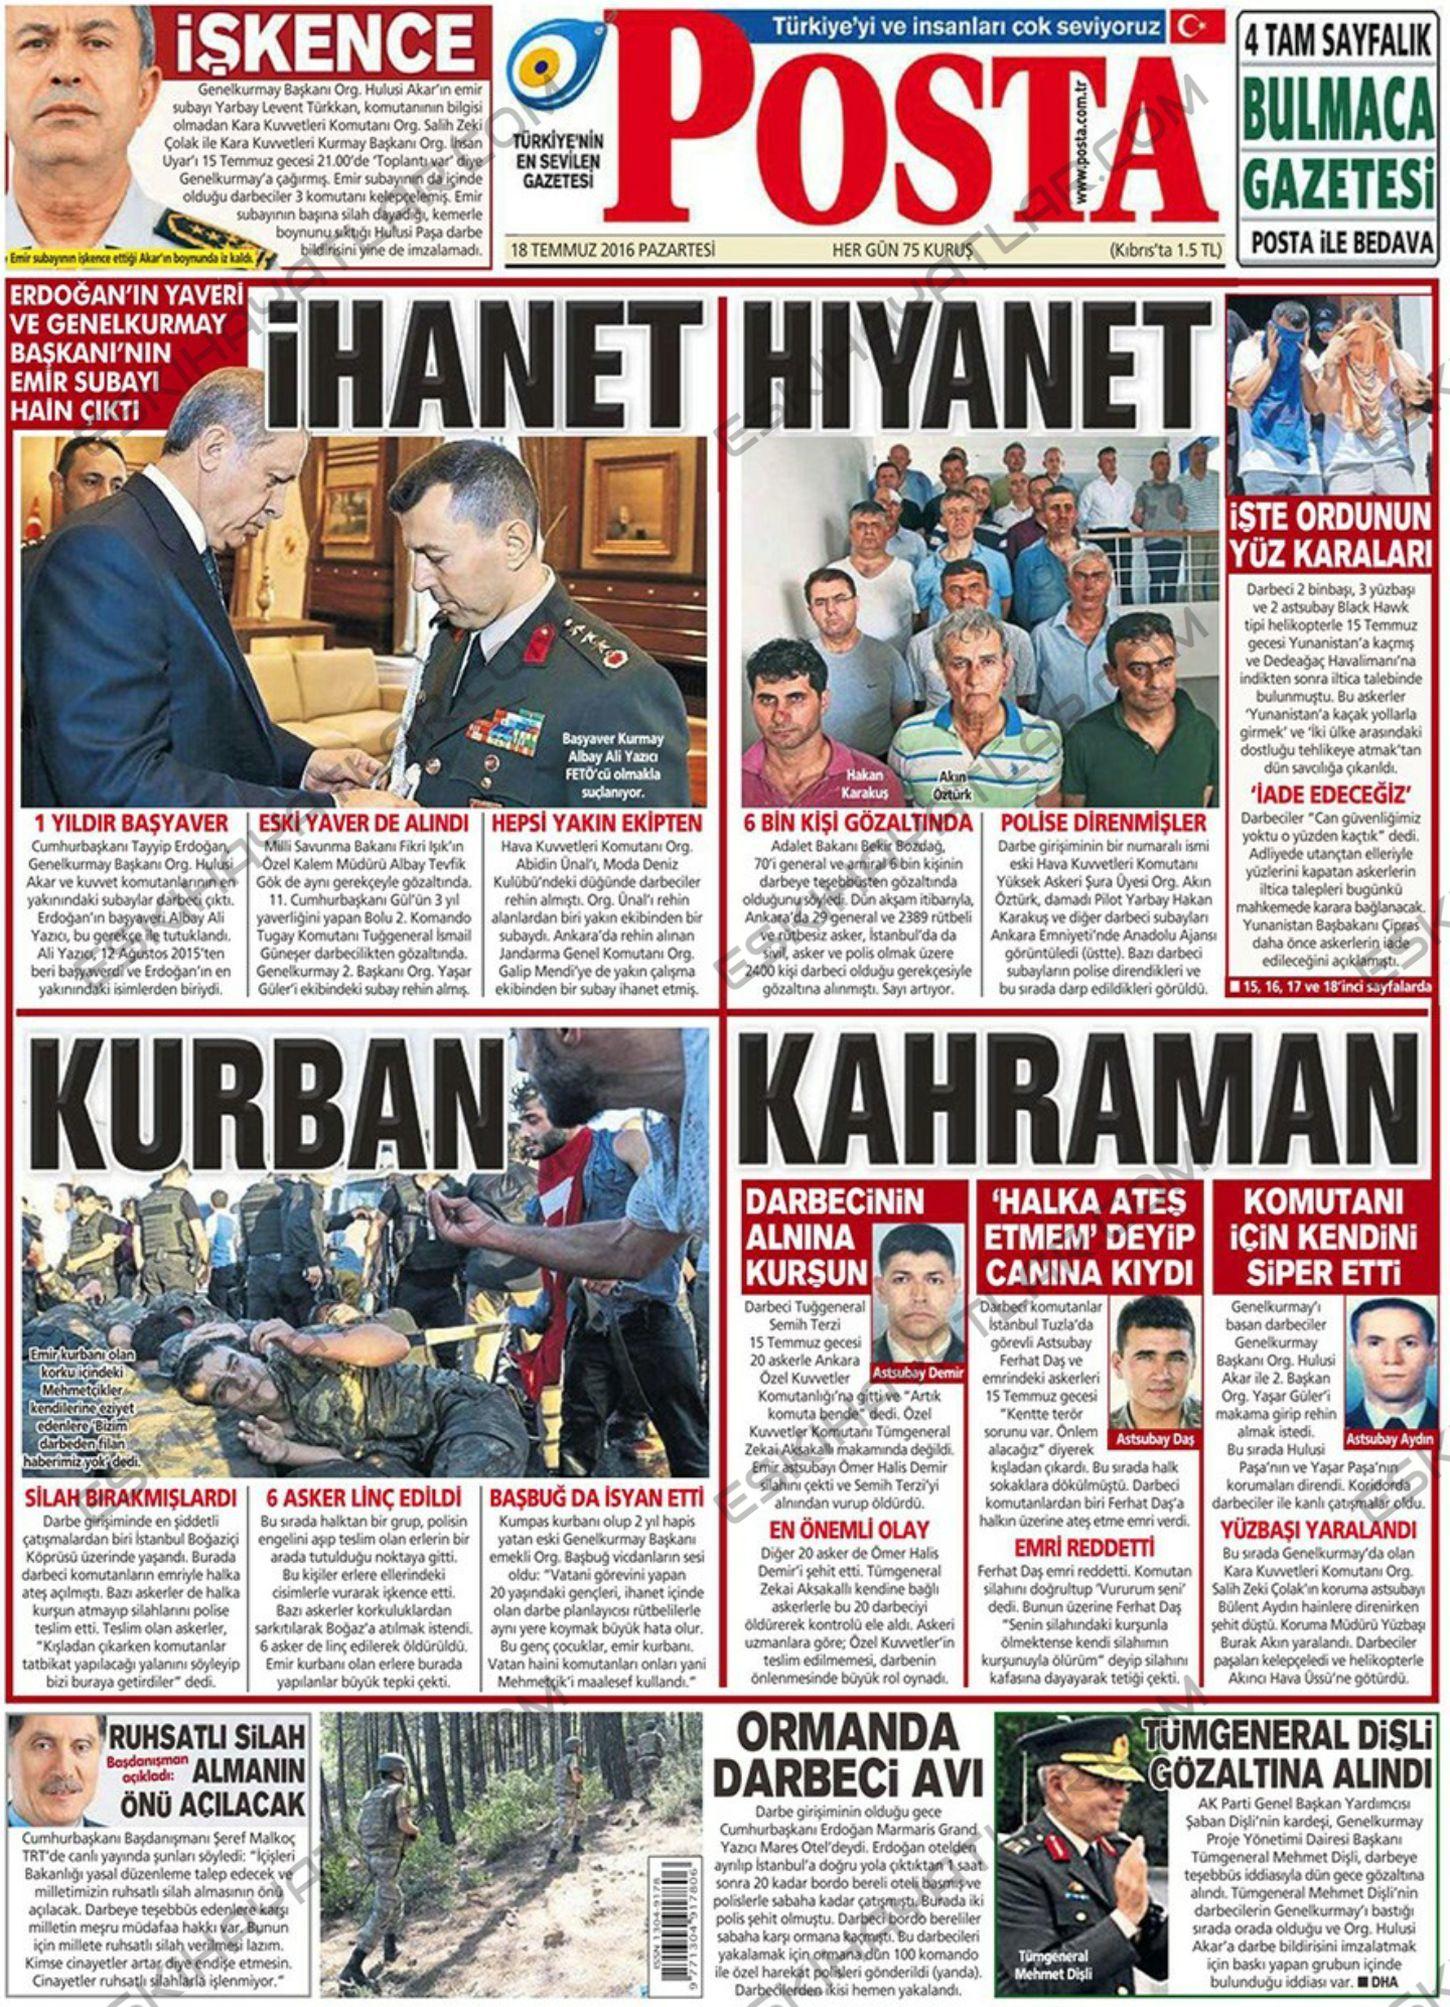 15-temmuz-2016-darbe-tesebbusu-gazete-arsivleri (posta)